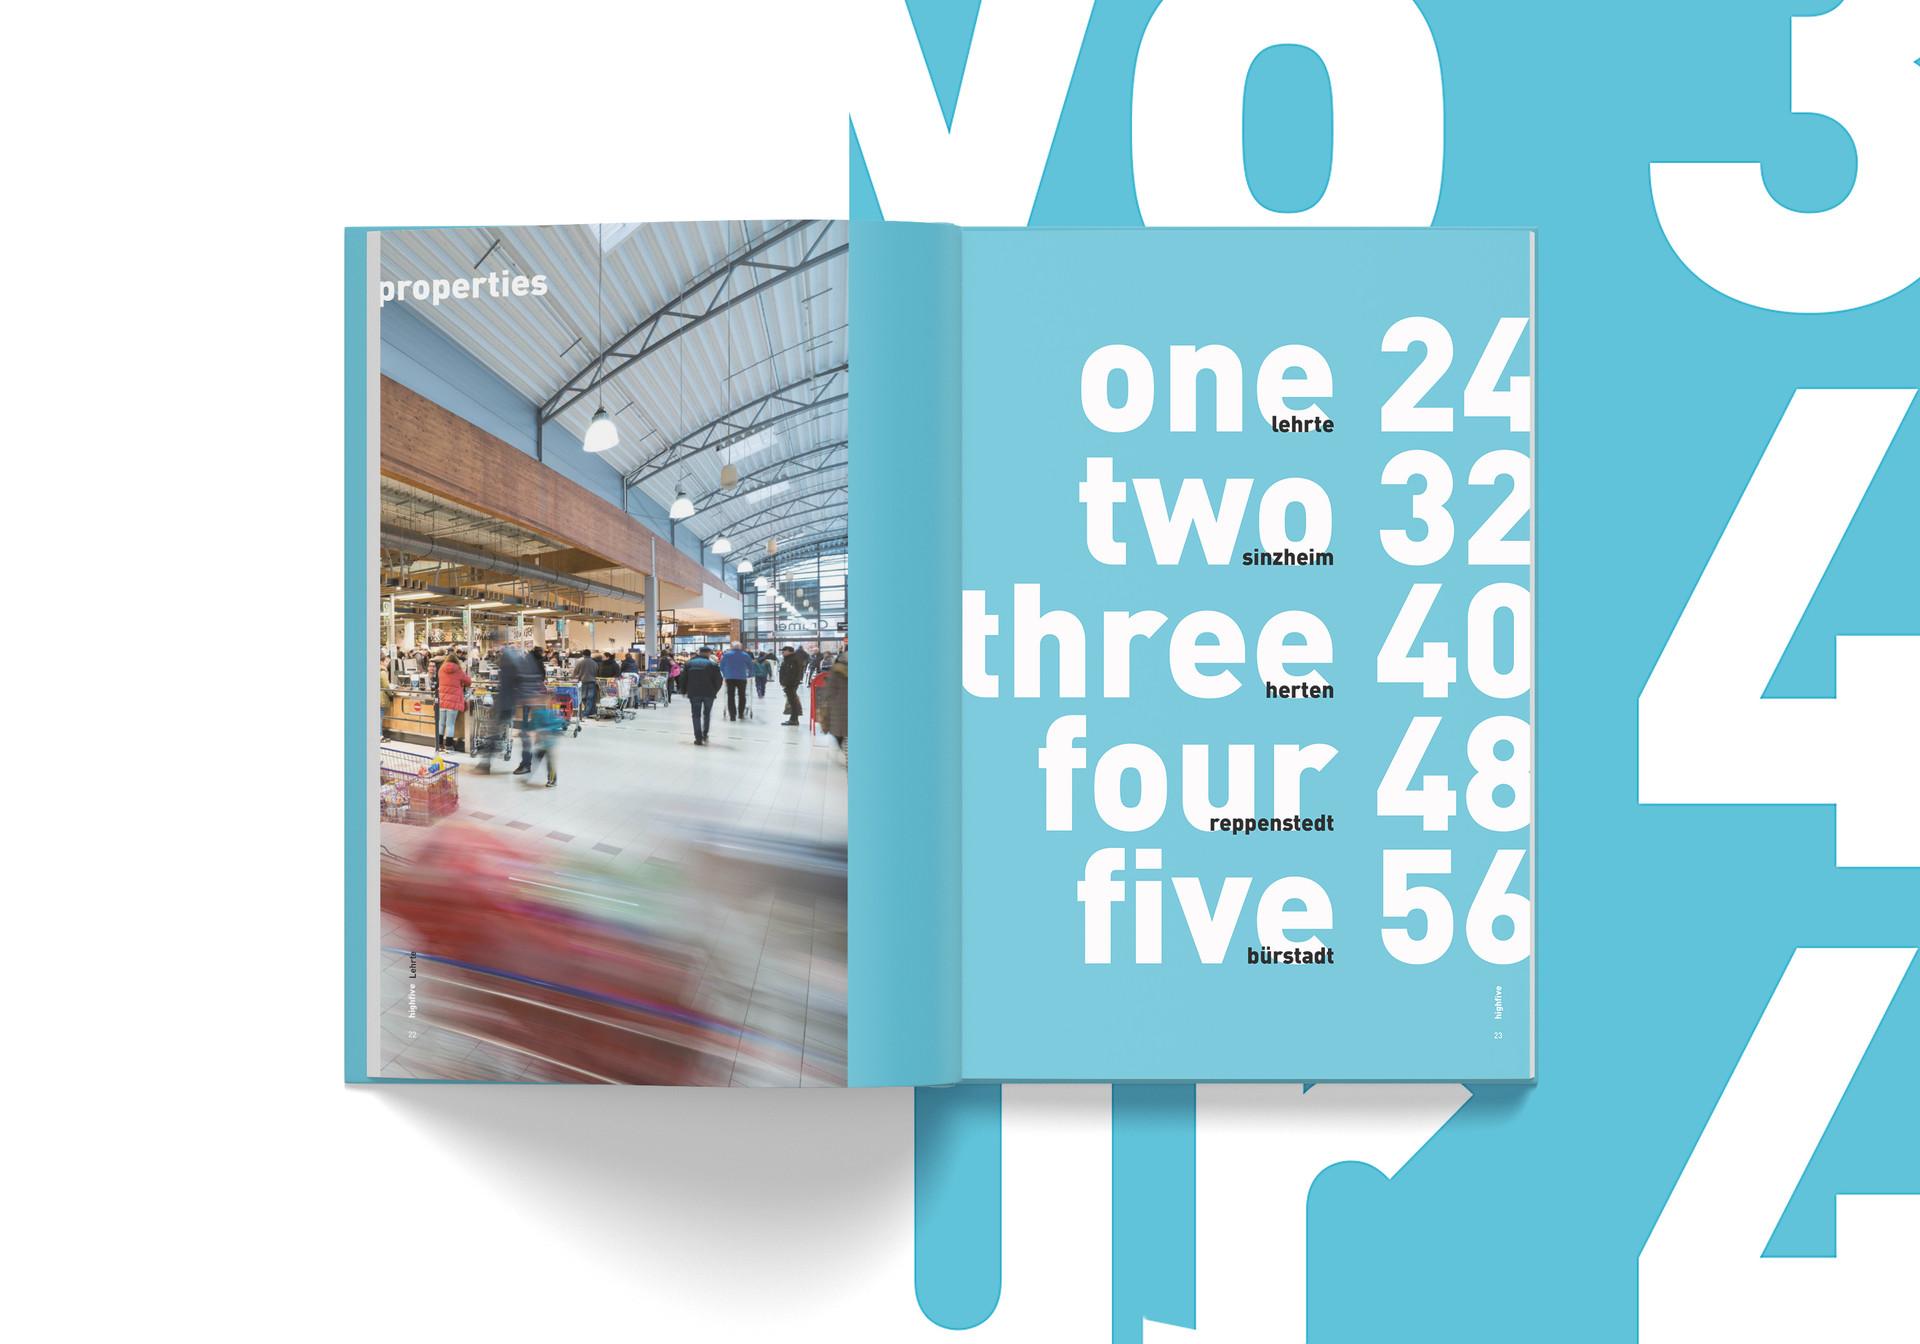 BFIN_HighFive_Seite_22-23_Hard_Cover_A4_